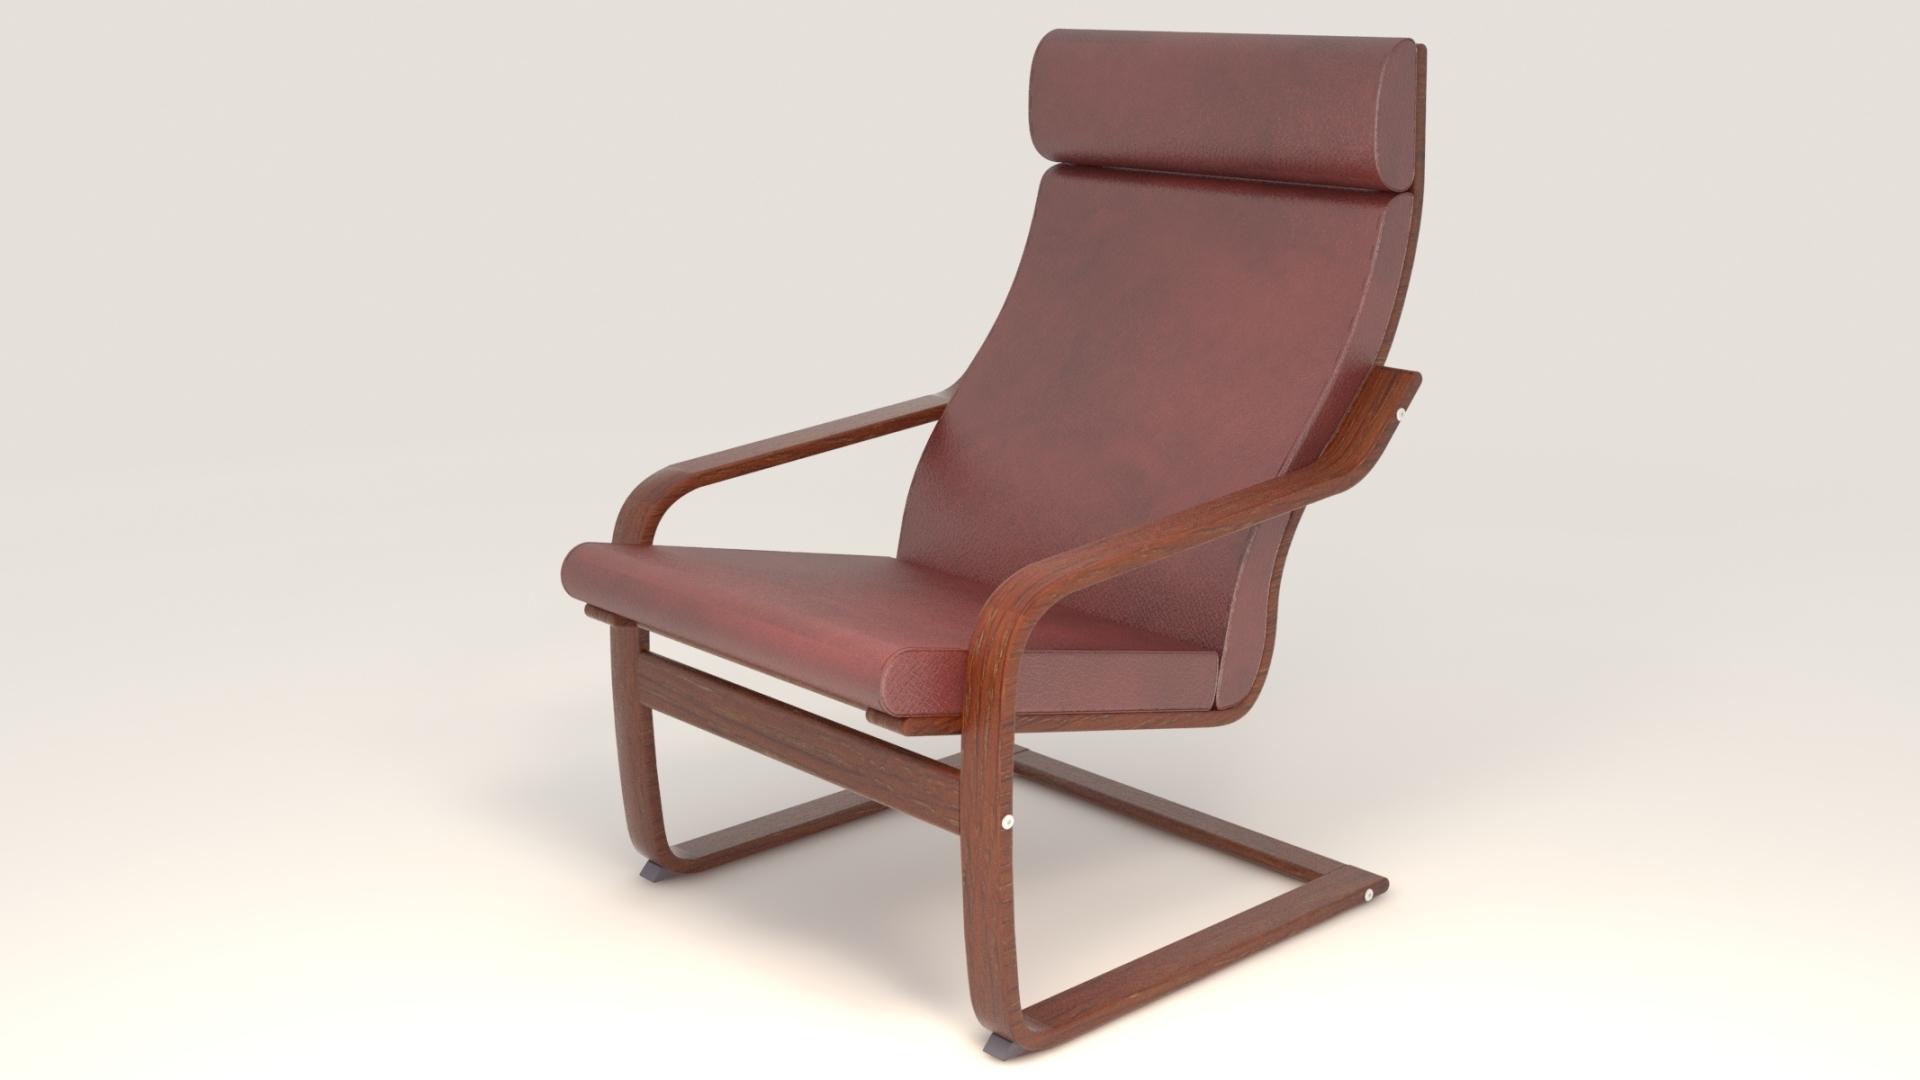 модель стула Poang Ikea